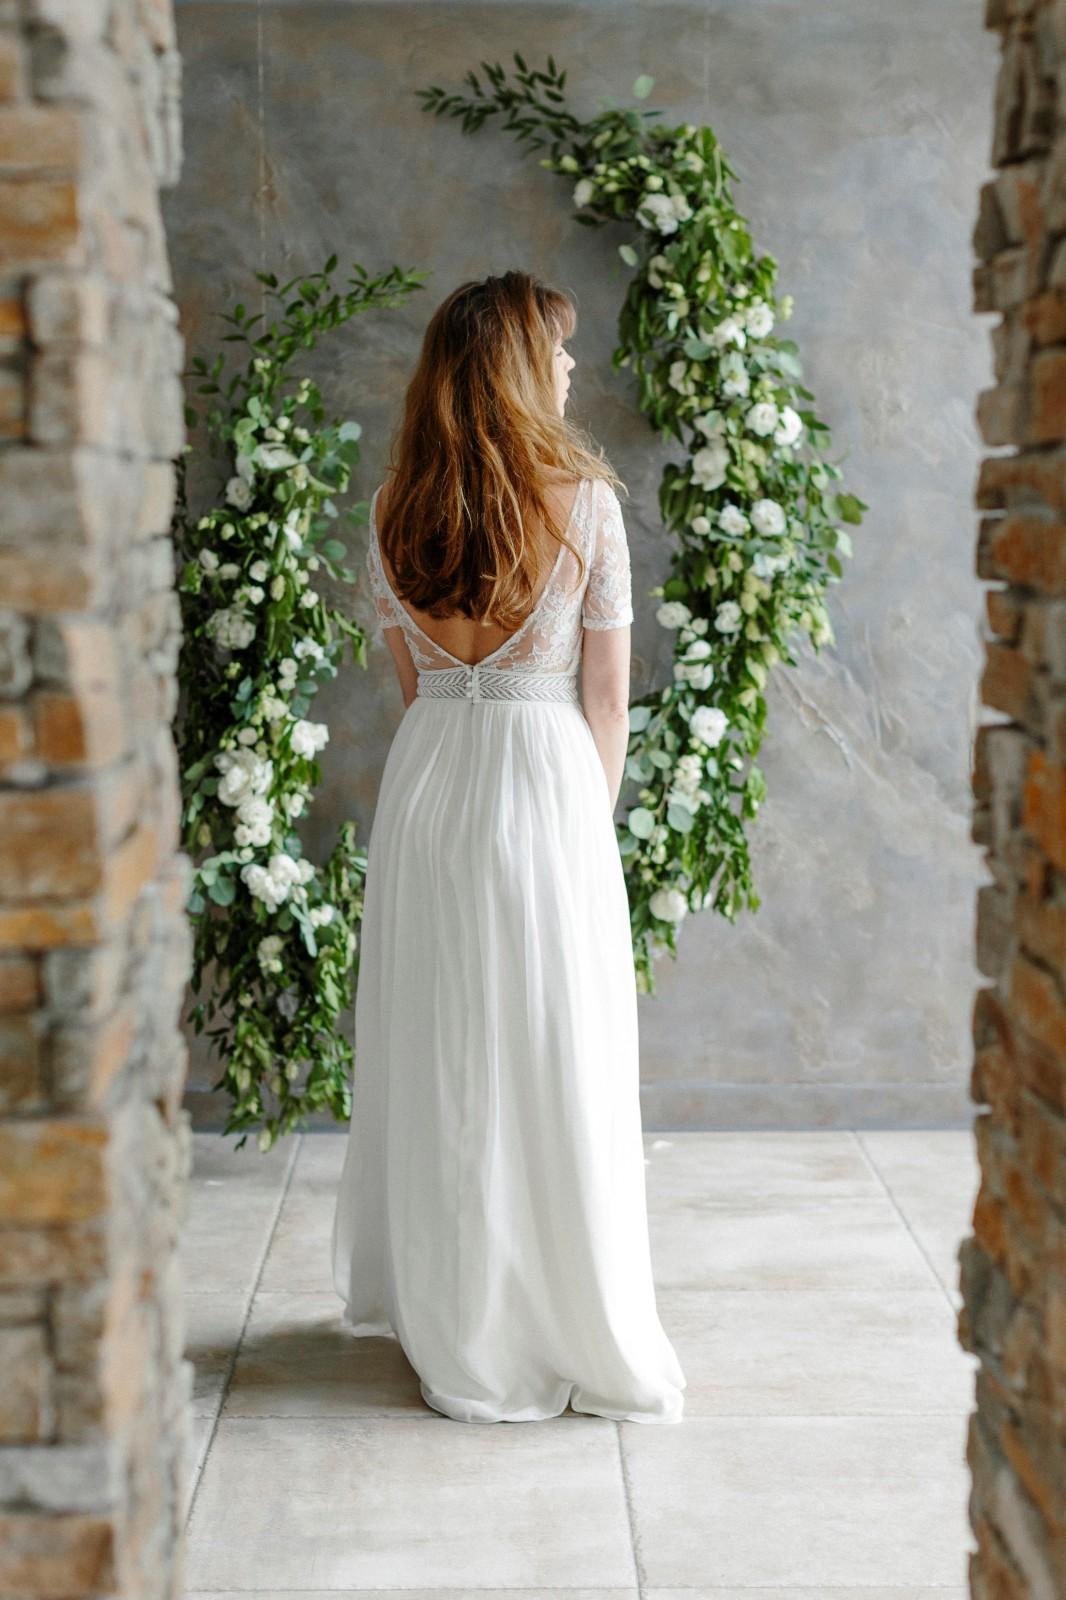 Une jolie robe avec un grand dos nu, c'est très féminin.